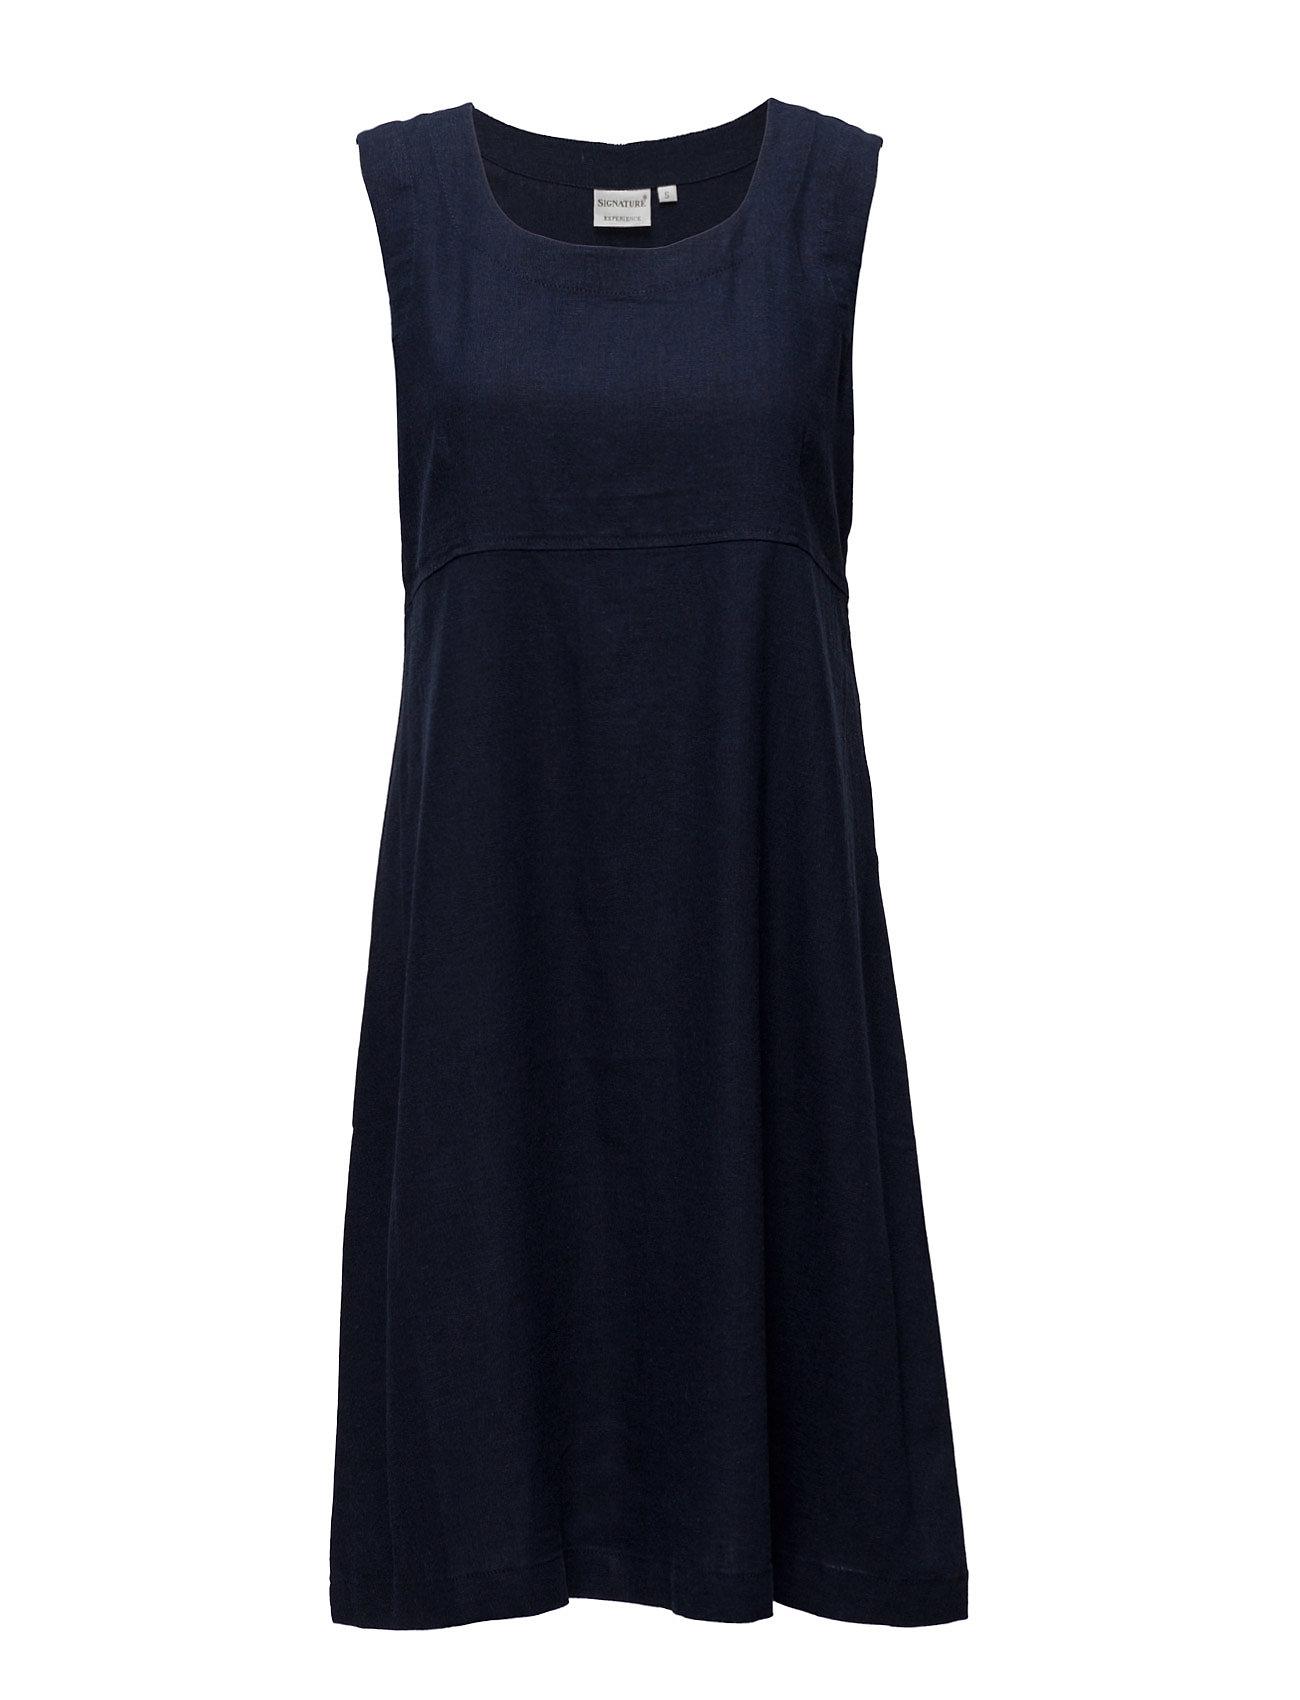 Casual Dress Signature Kjoler til Kvinder i Navy blå